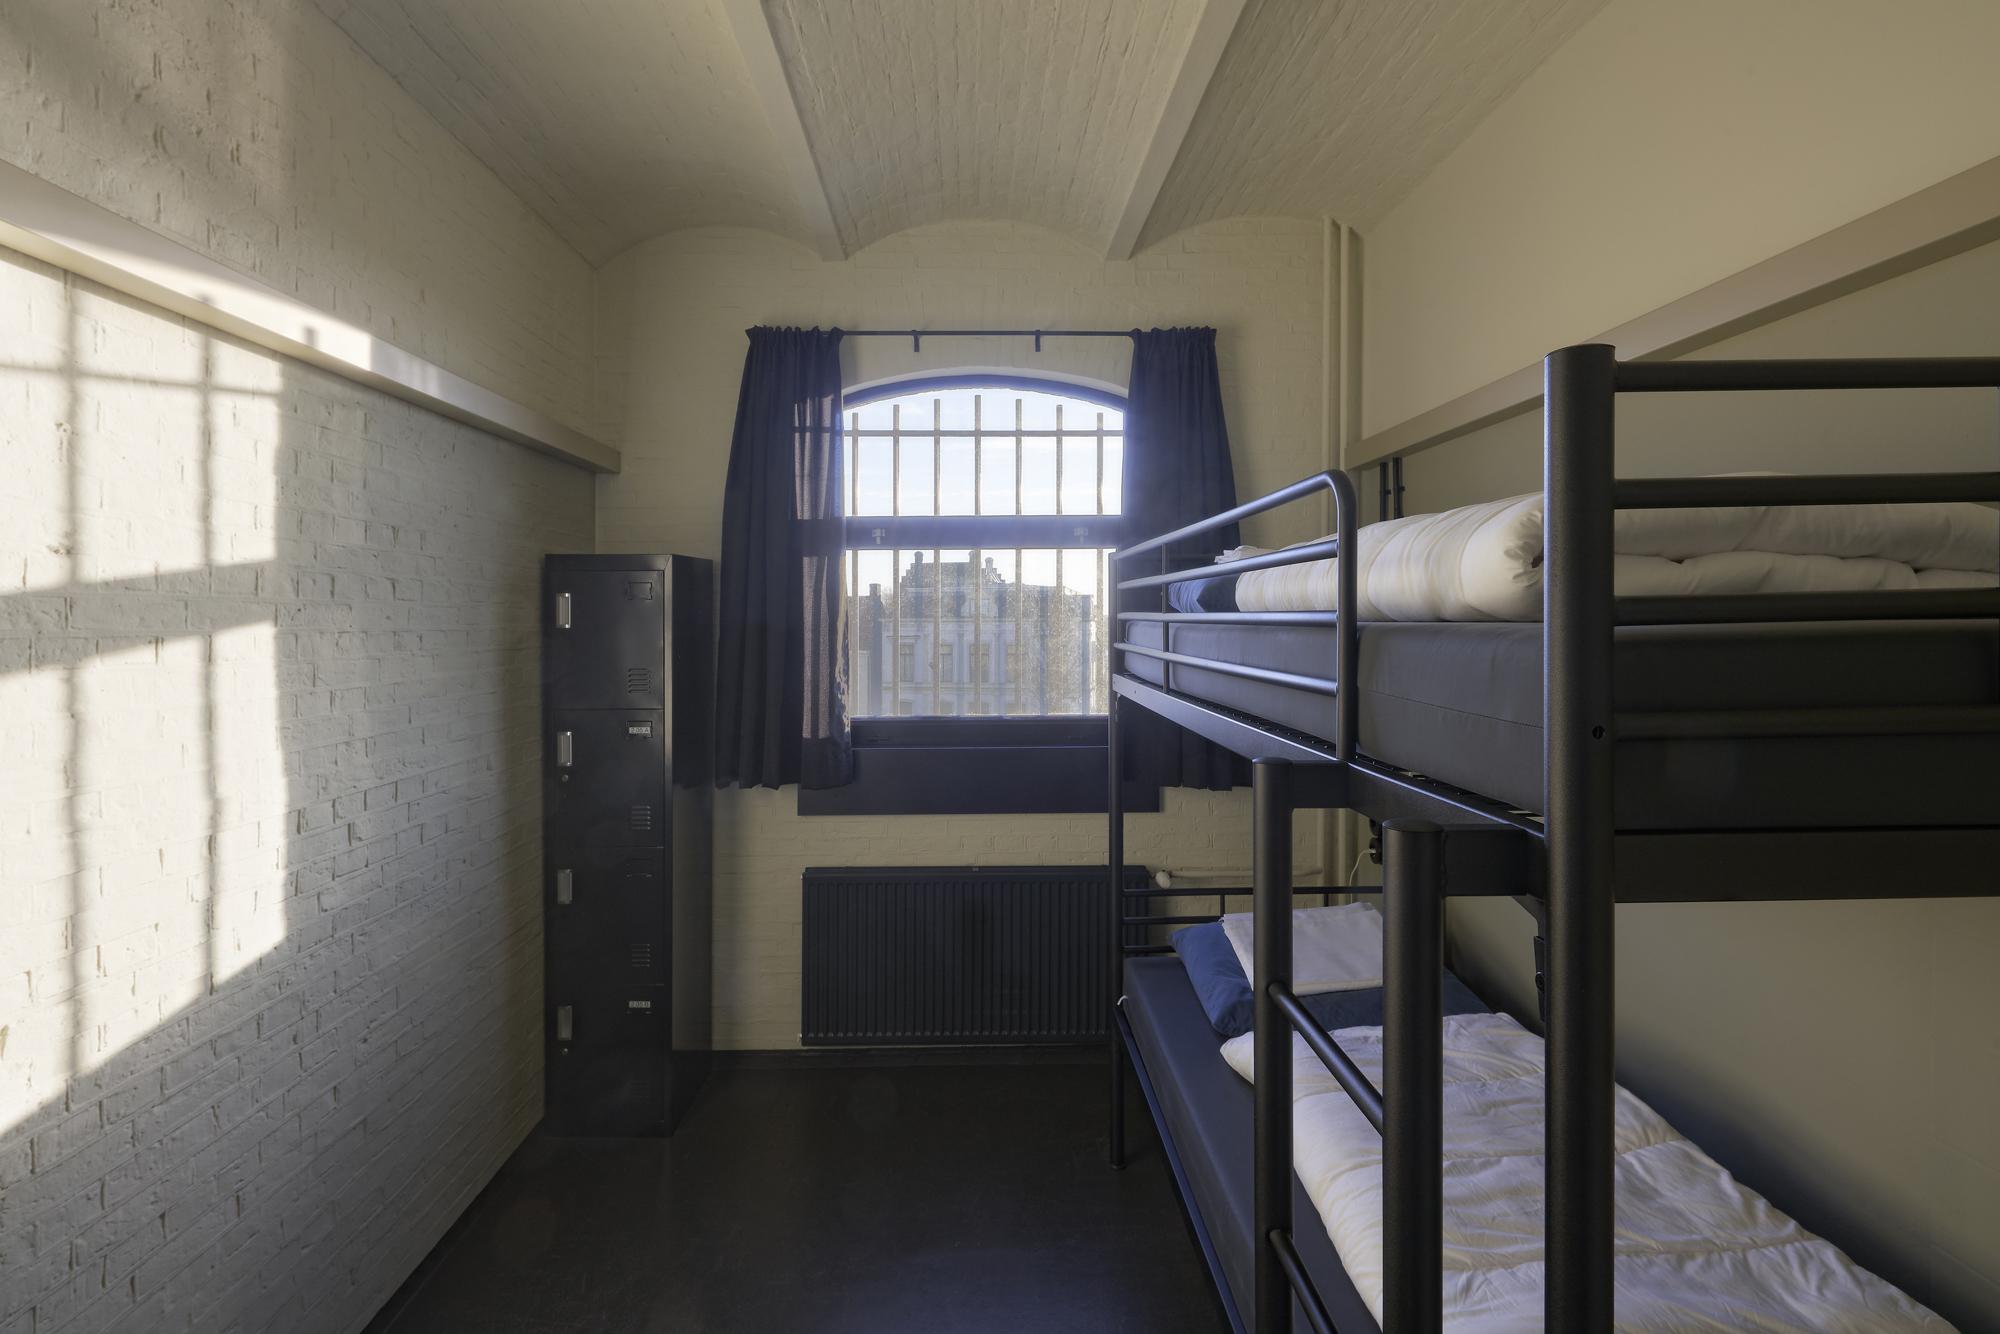 <p>De Blokhuispoort, het hostel, foto: Gerard van Beek</p>